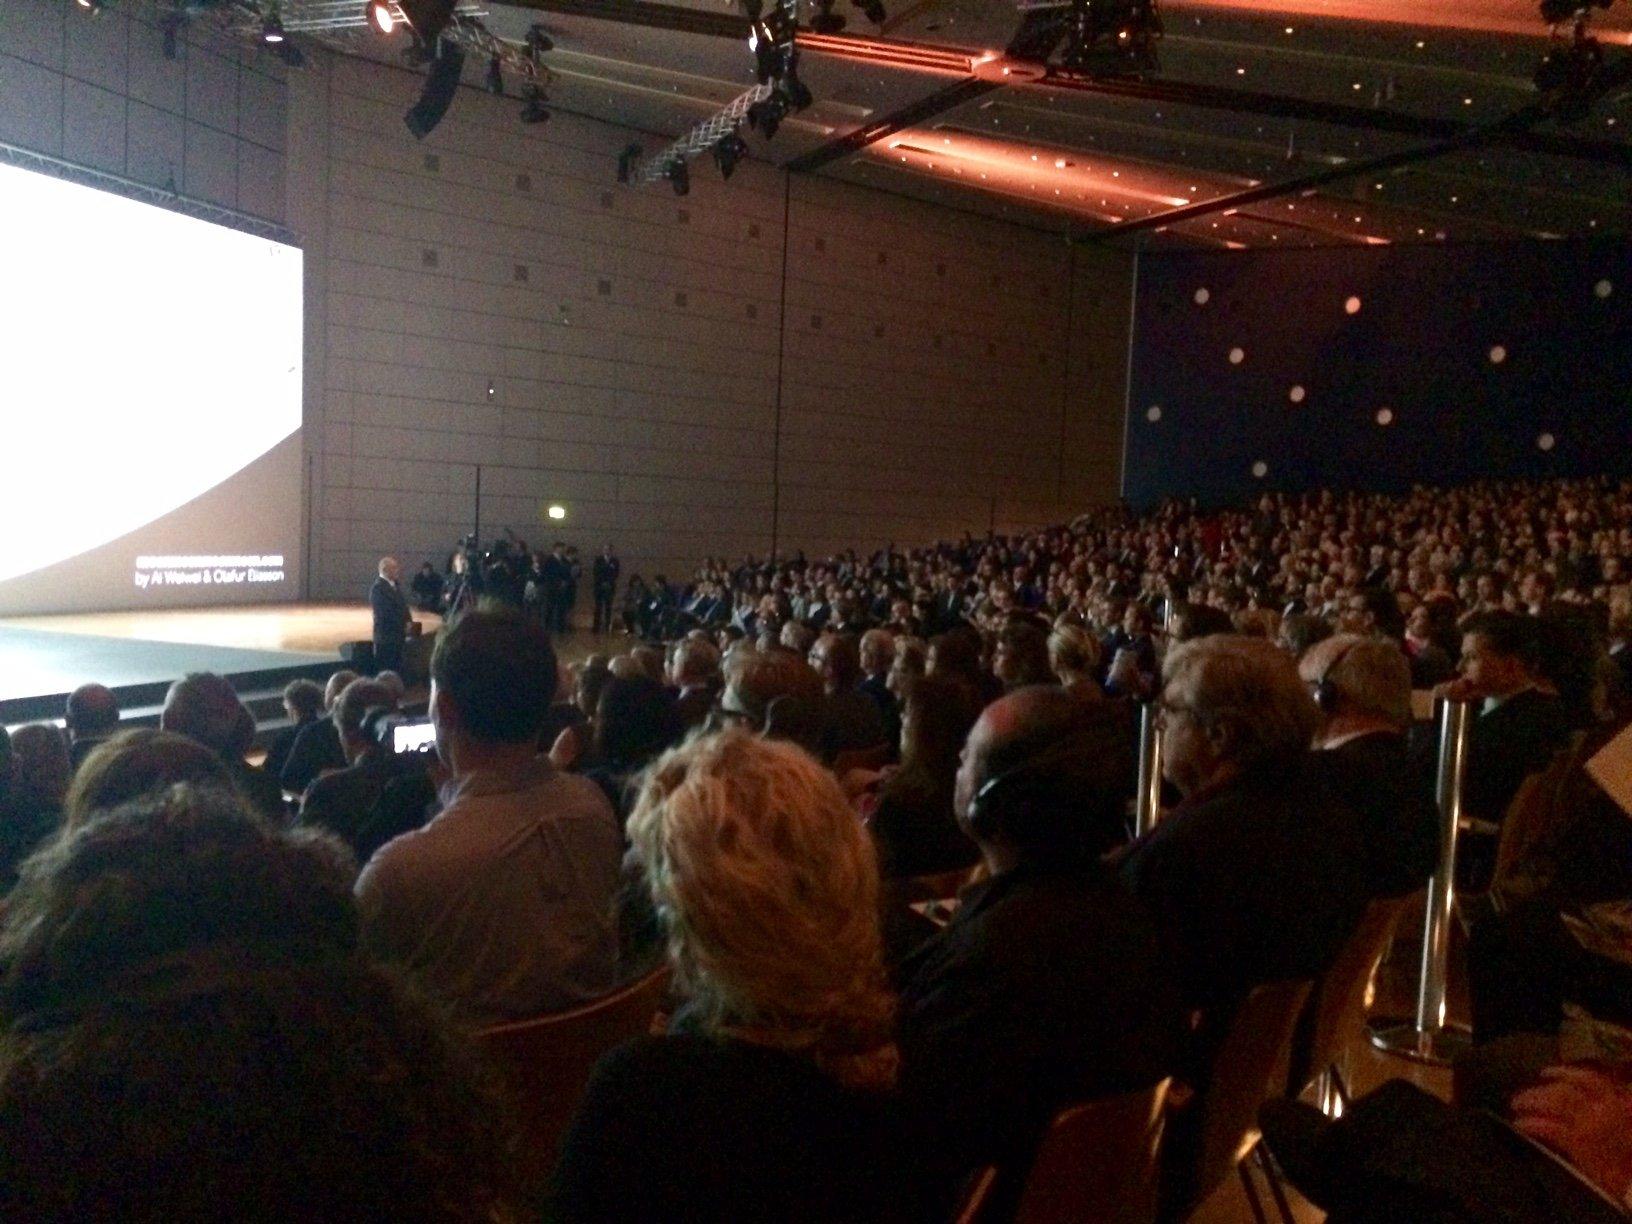 Zaal van de openingsceremonie, waar geëngageerd en kritisch werd gesproken door o.a. voorzitter vh Europese parlement Martin Schulz. (Hij was overigens één van de 6 witte mannen in stropdas. De enige vrouwelijke spreker was onze eigen Jet Bussemaker)